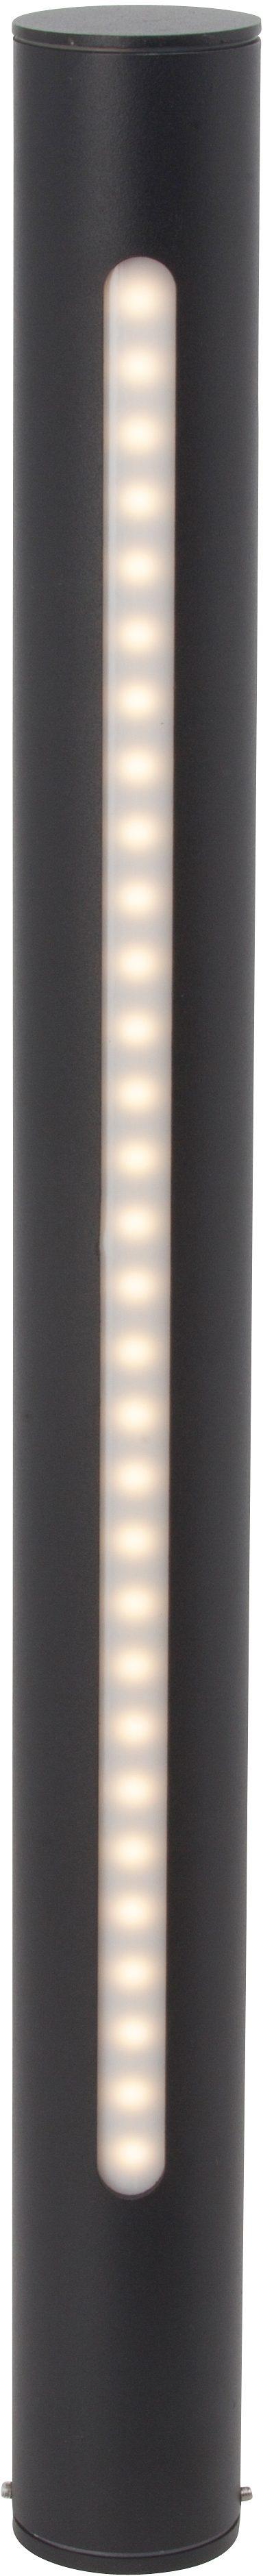 Brilliant LED Außenleuchte, 1 flg., Stehleuchte, »TWIN«